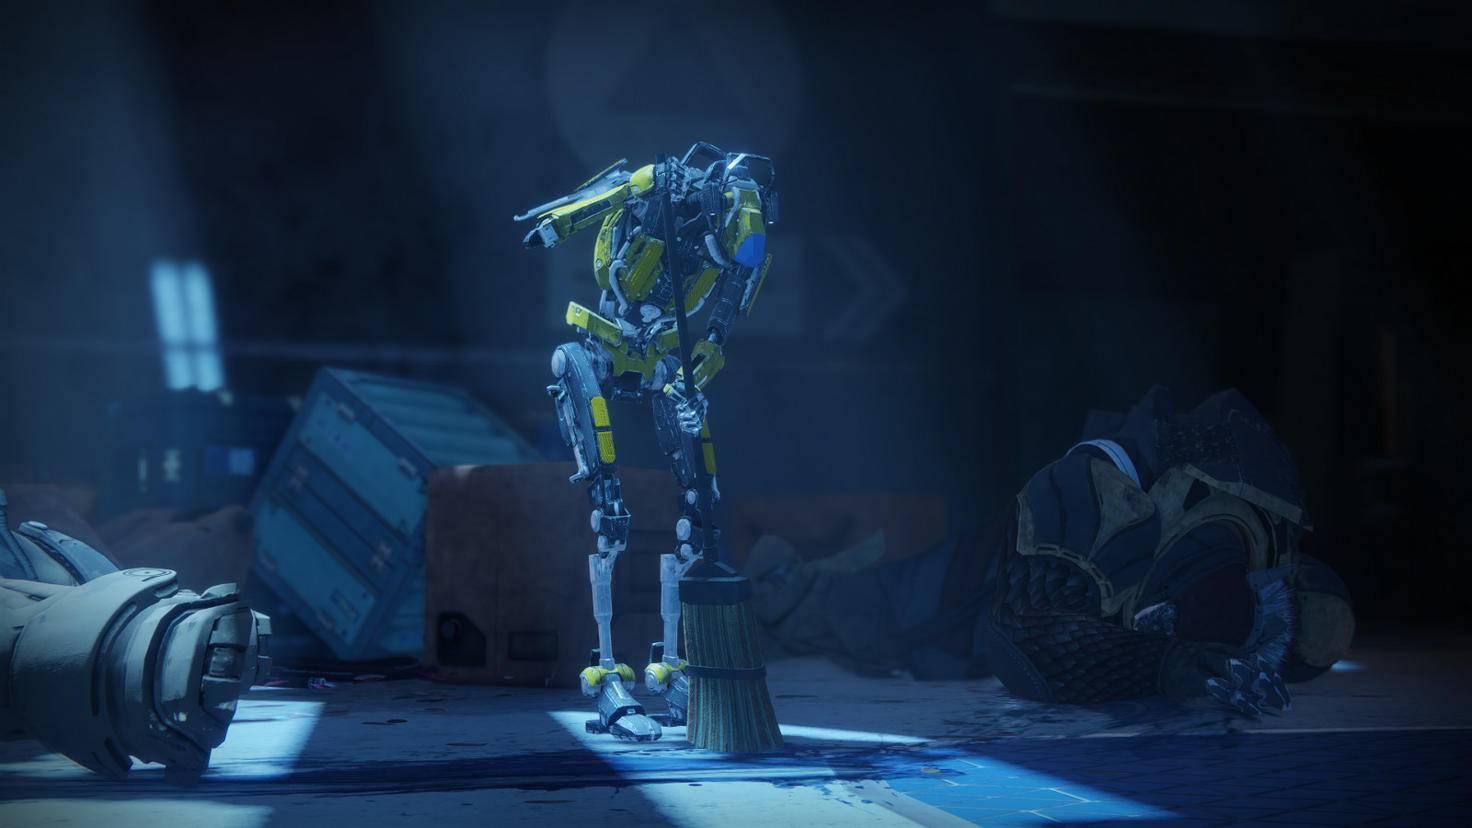 """Was die Framerate angeht bleibt """"Destiny 2"""" trotz kommender Power-Konsolen auf Sparflamme."""